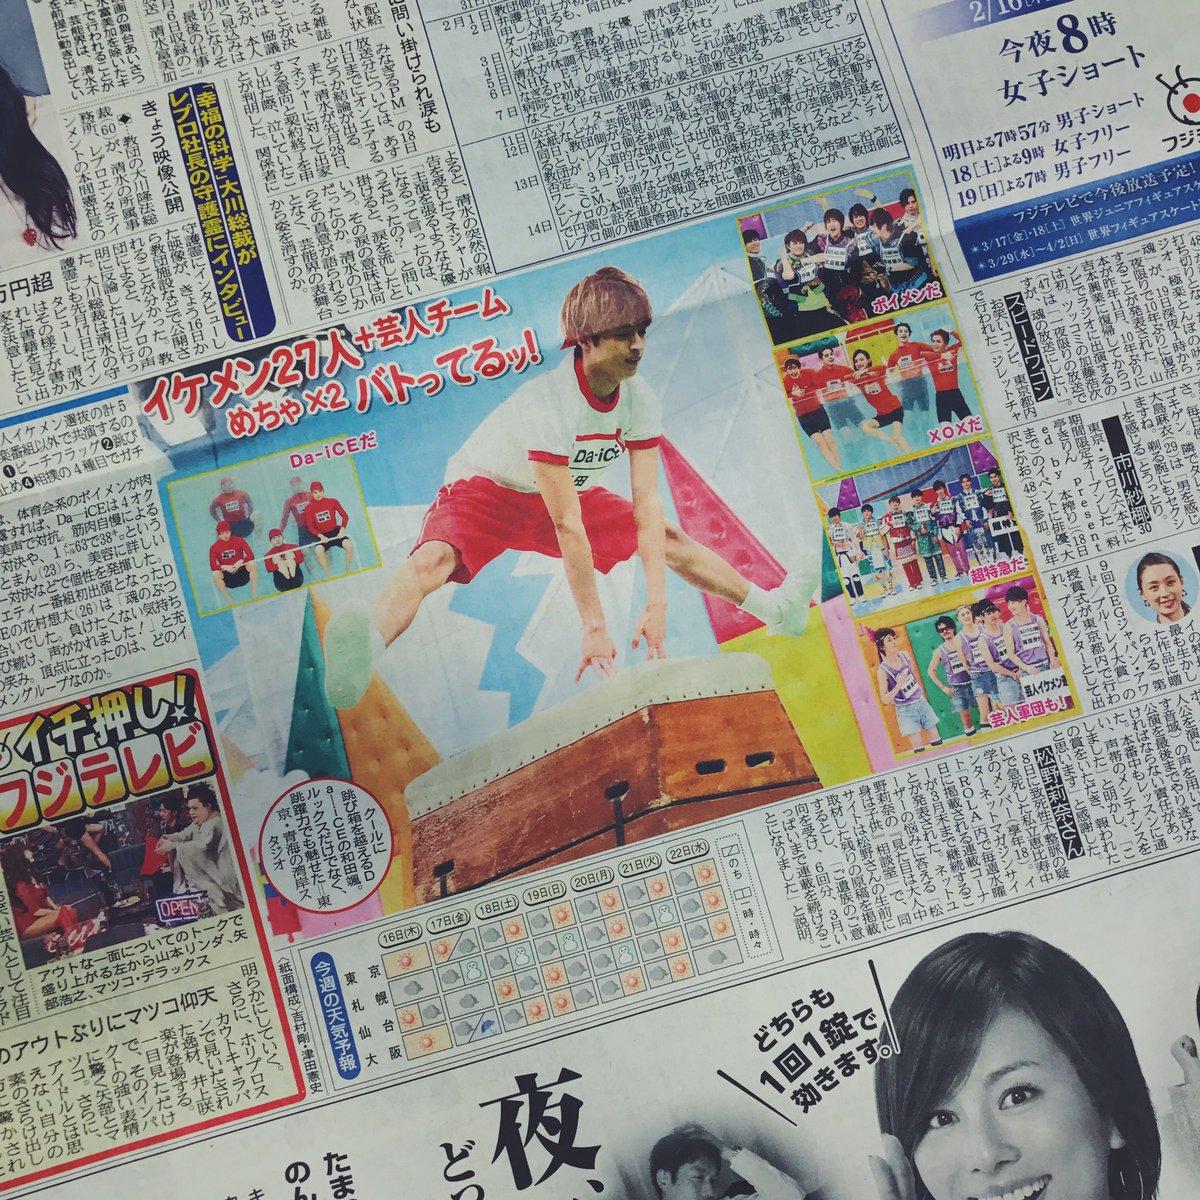 本日(今朝)発売の「サンケイスポーツ」さんに2/18(土)放送の「めちゃイケ」さんの模様が掲載されて…